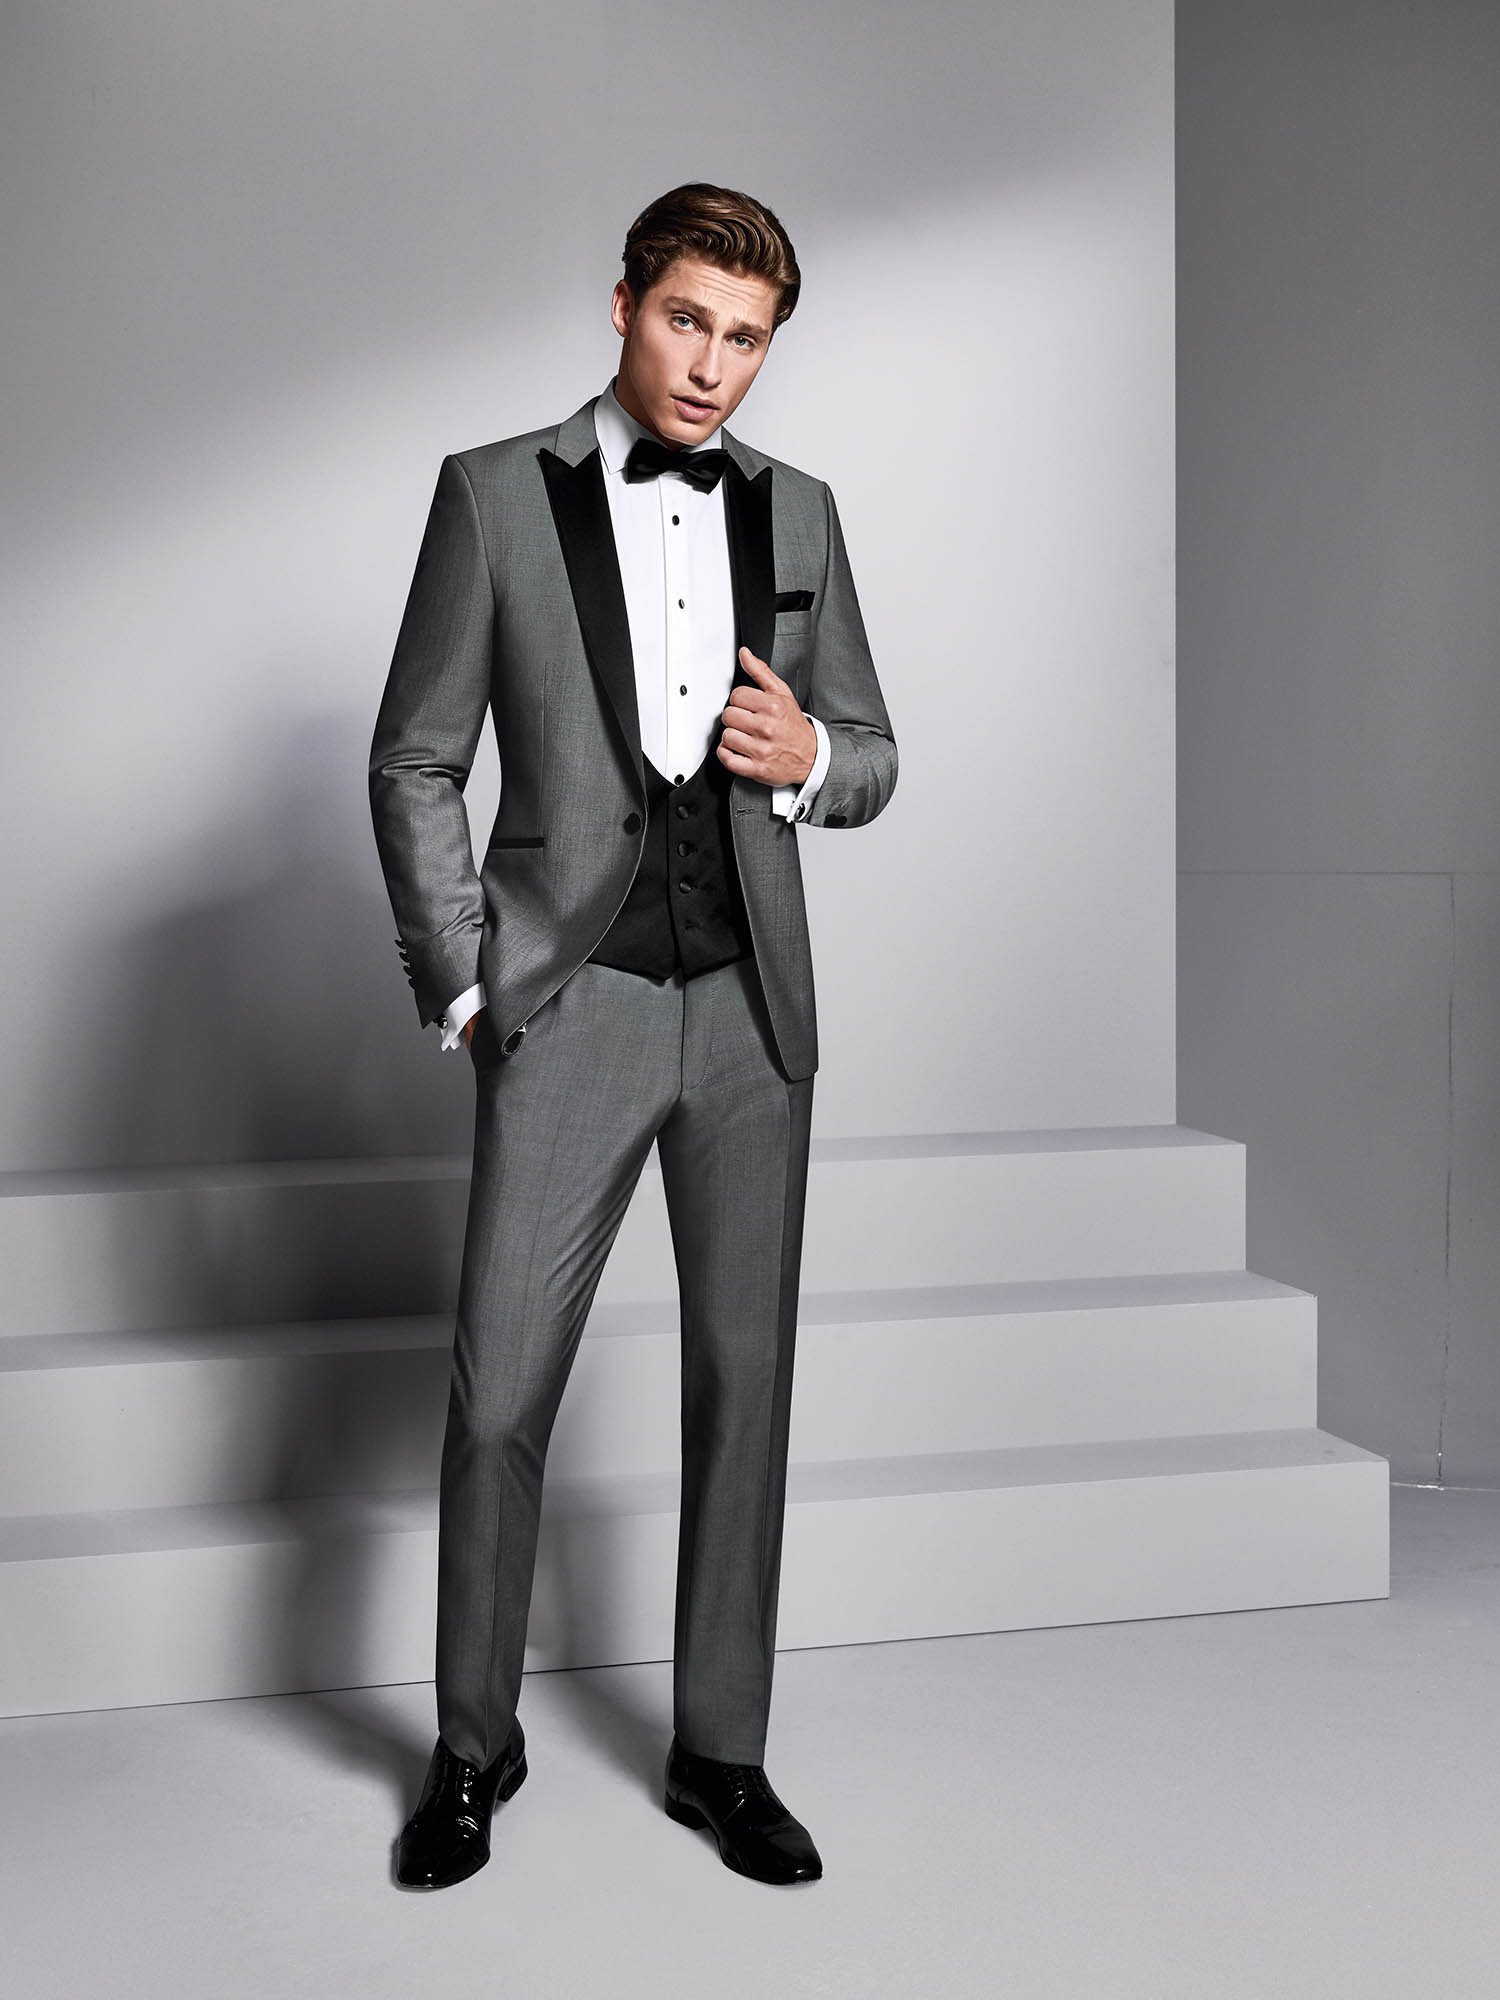 Homme Homme Costume Costume Pour Pour Boutique Boutique Homme Boutique Boutique Pour Costume WHIDbe29EY